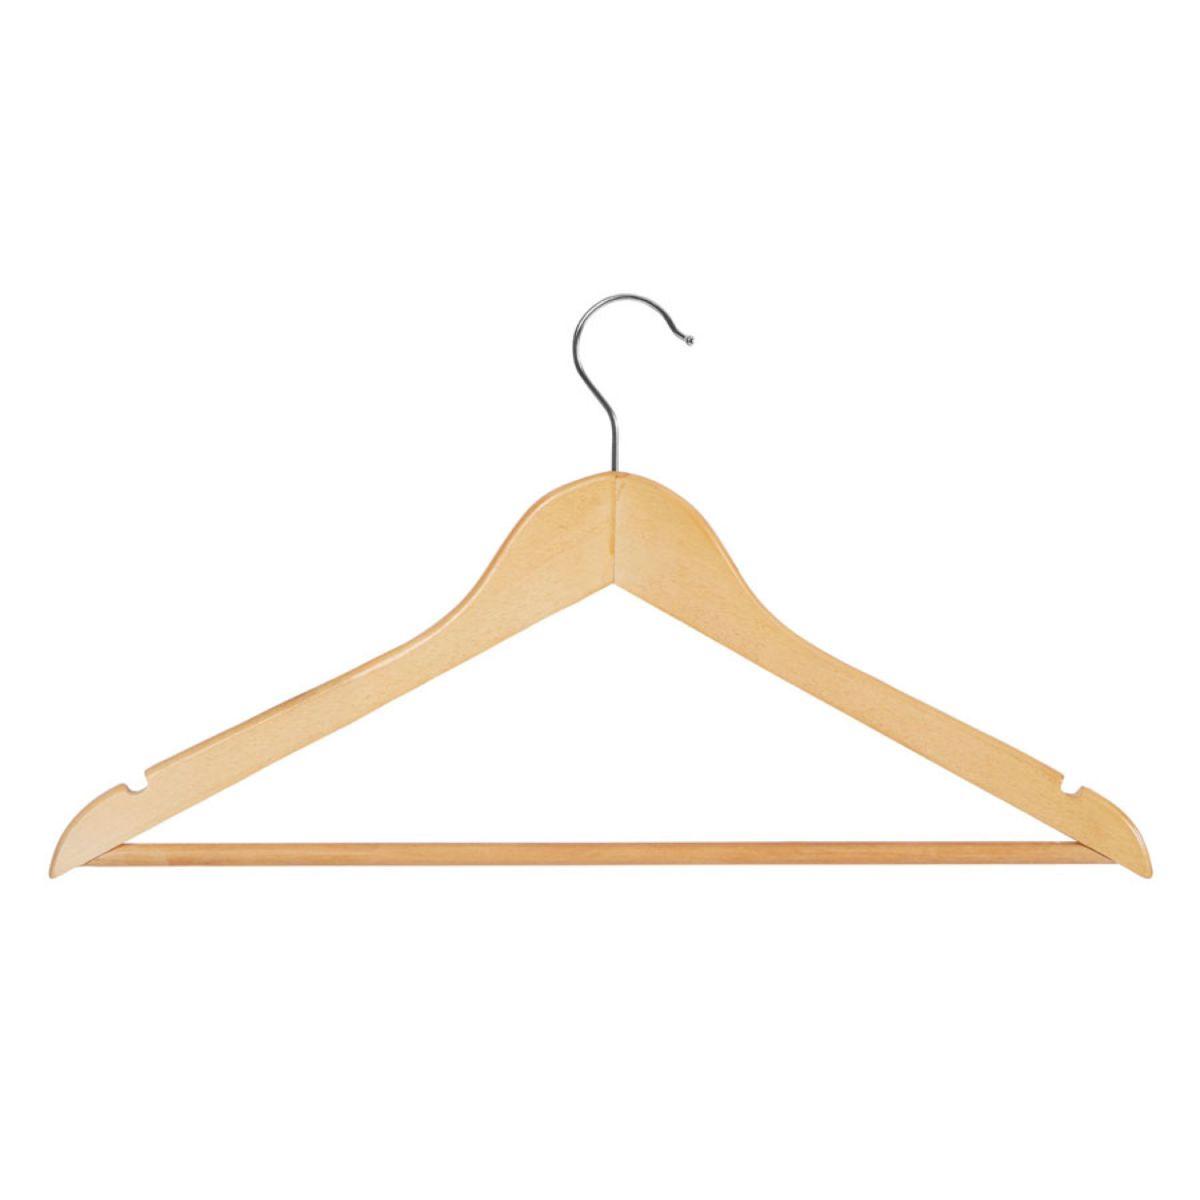 Premier Housewares Wooden Clothes Hangers – Set of 20